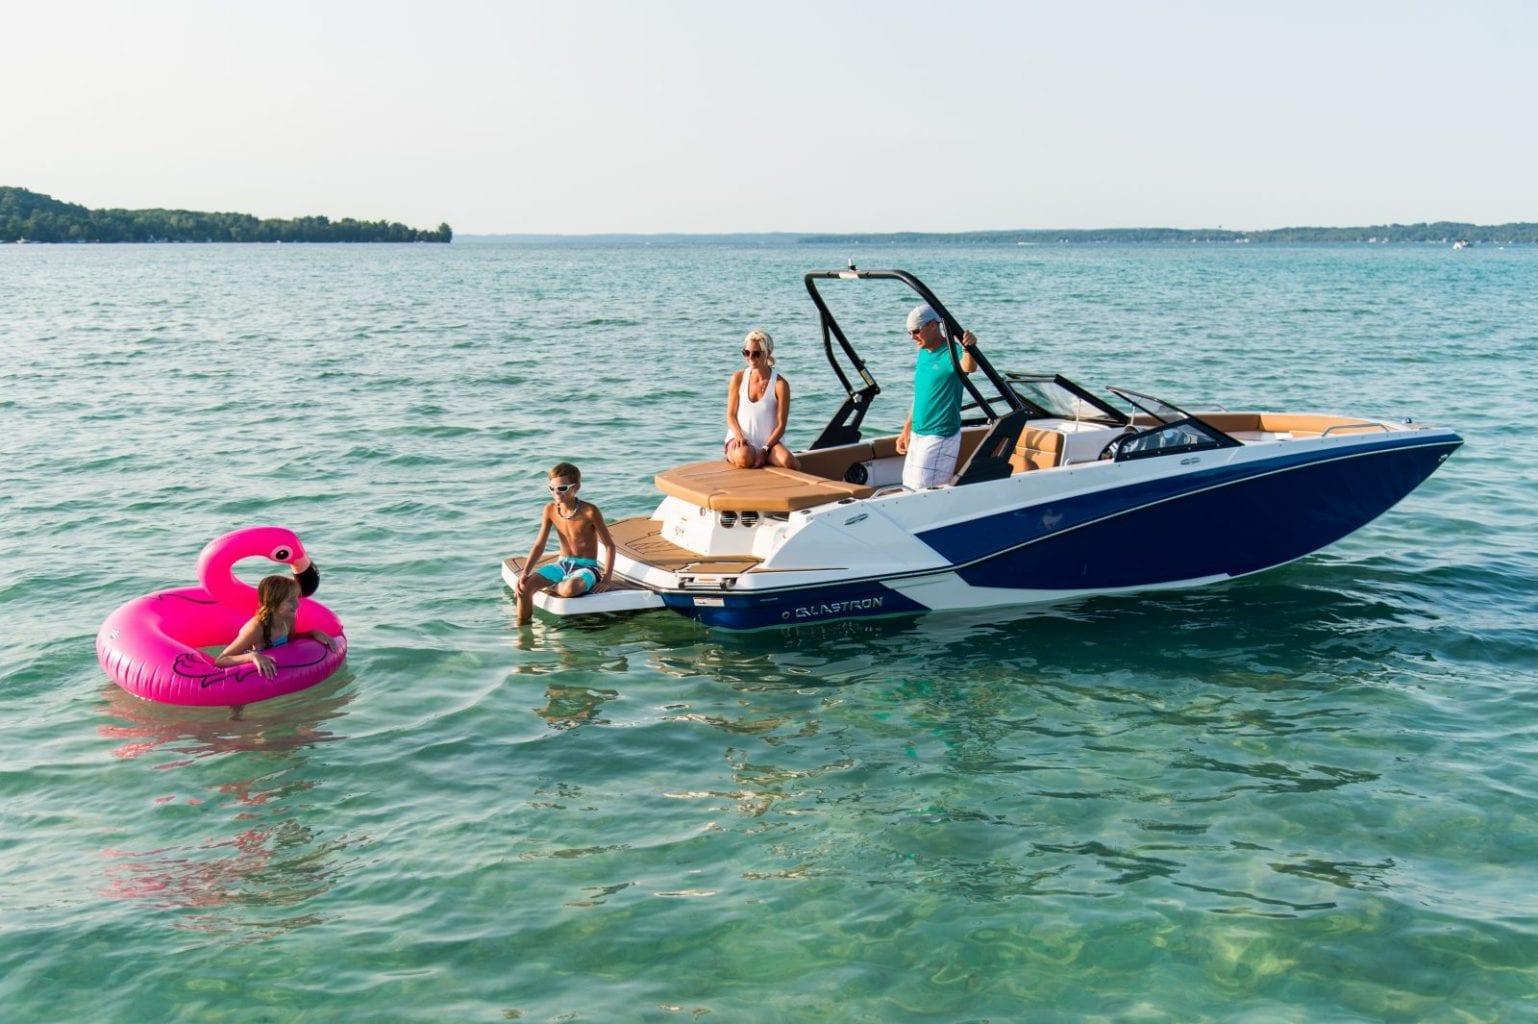 סירת ספורט GLASTRON GTD 205 - סירת ספורט Glastron GTD 205 - סטרים יאכטות